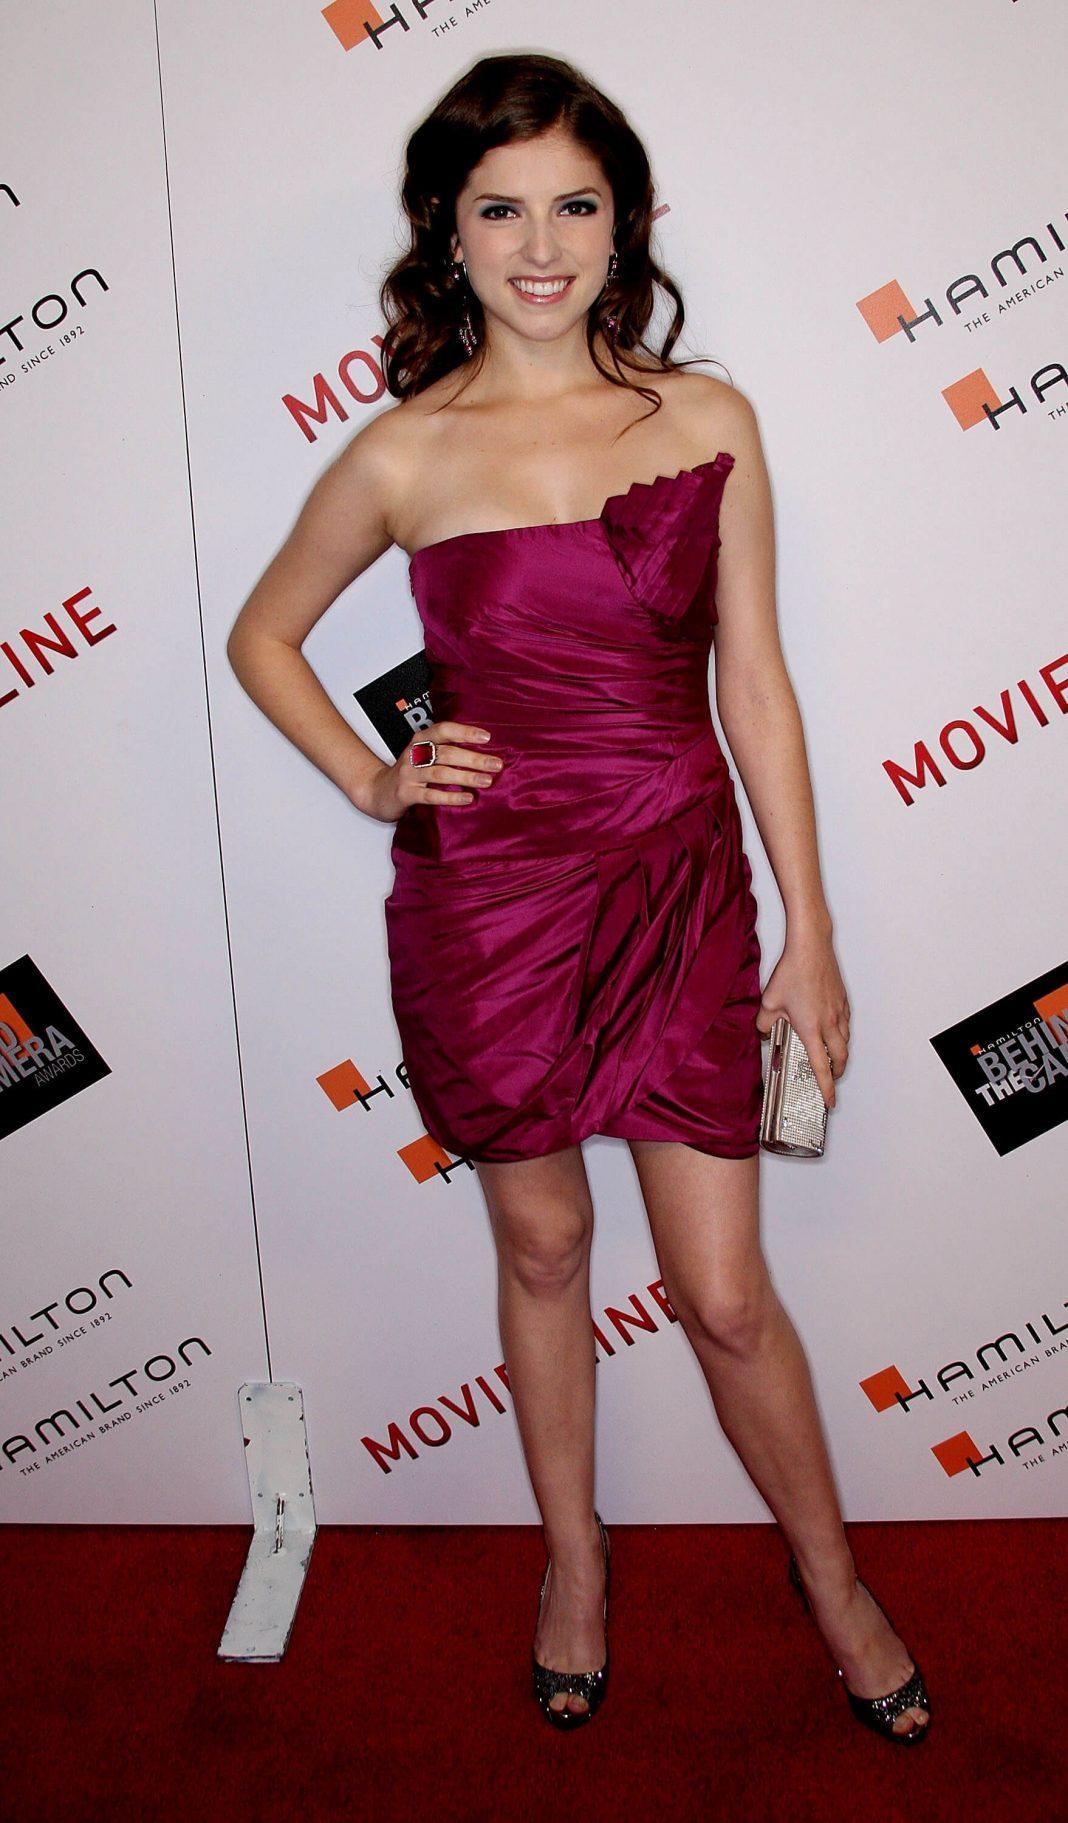 Anna Kendrick hot look pics